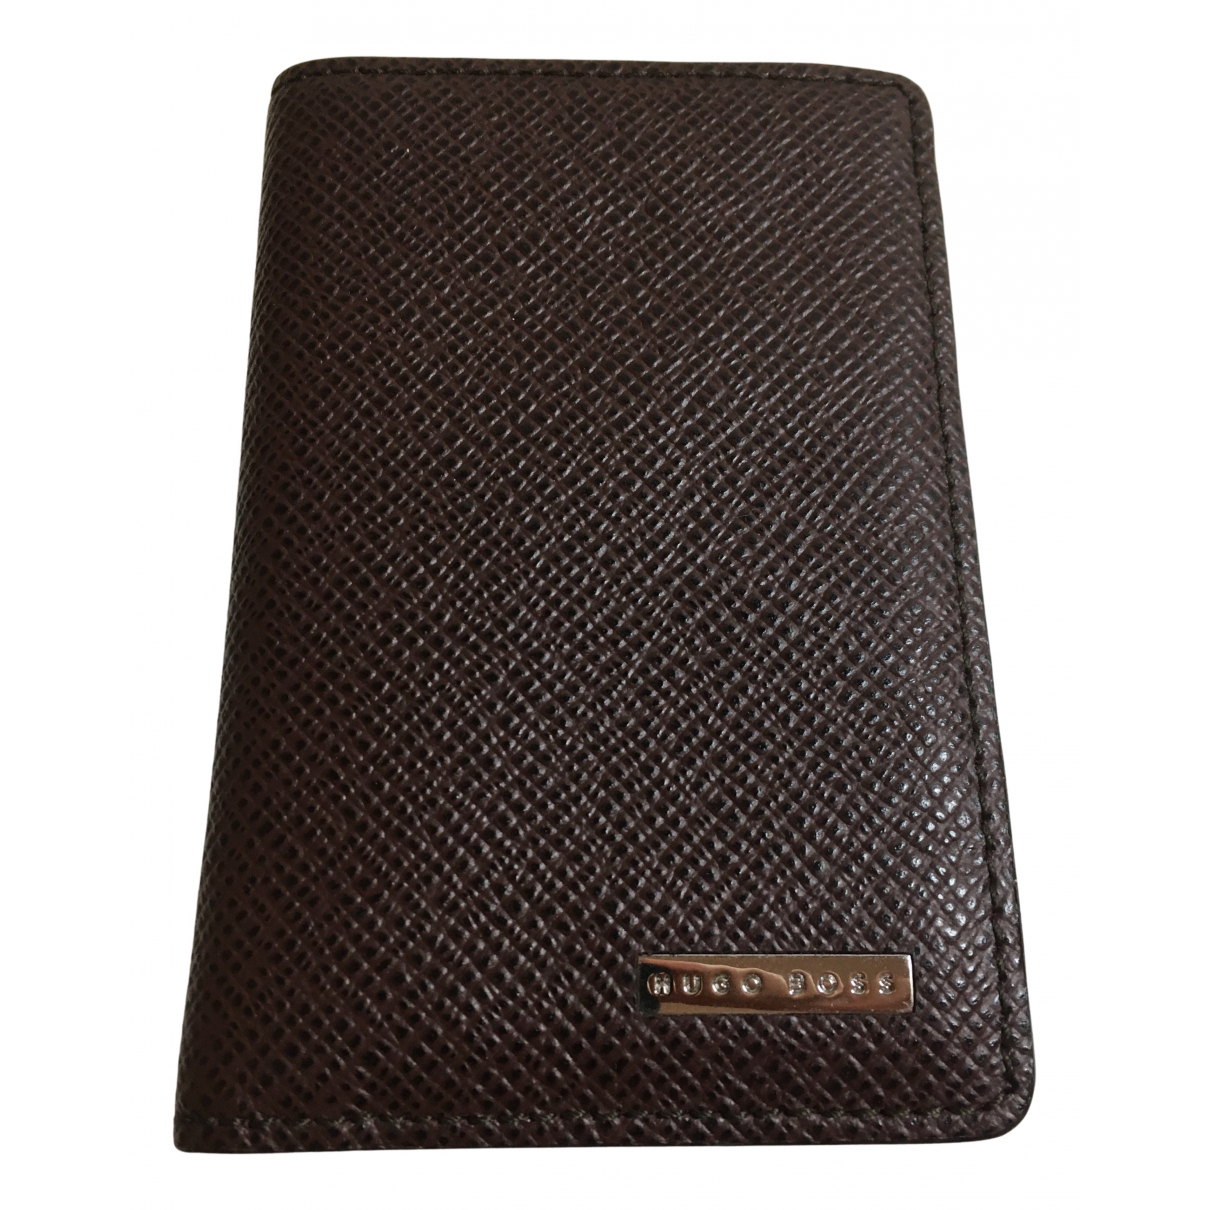 Hugo Boss N Burgundy Leather Small bag, wallet & cases for Men N